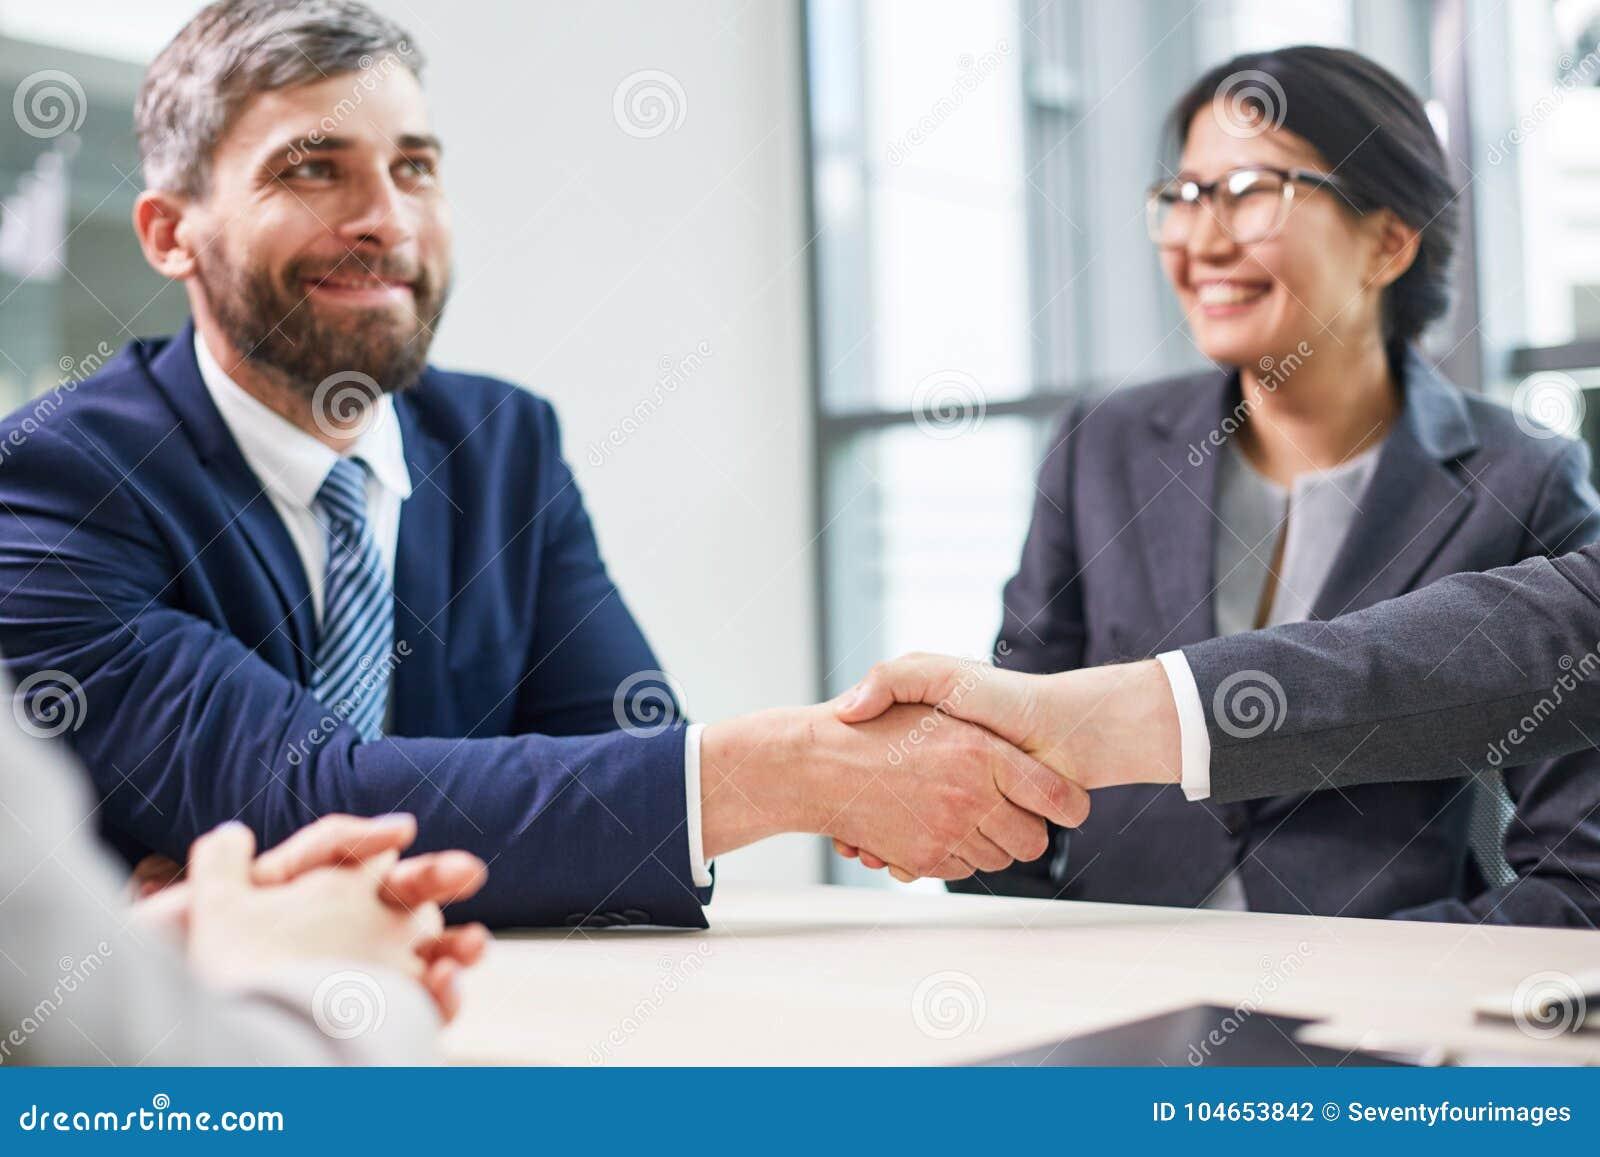 Επιτυχής ολοκλήρωση των διαπραγματεύσεων